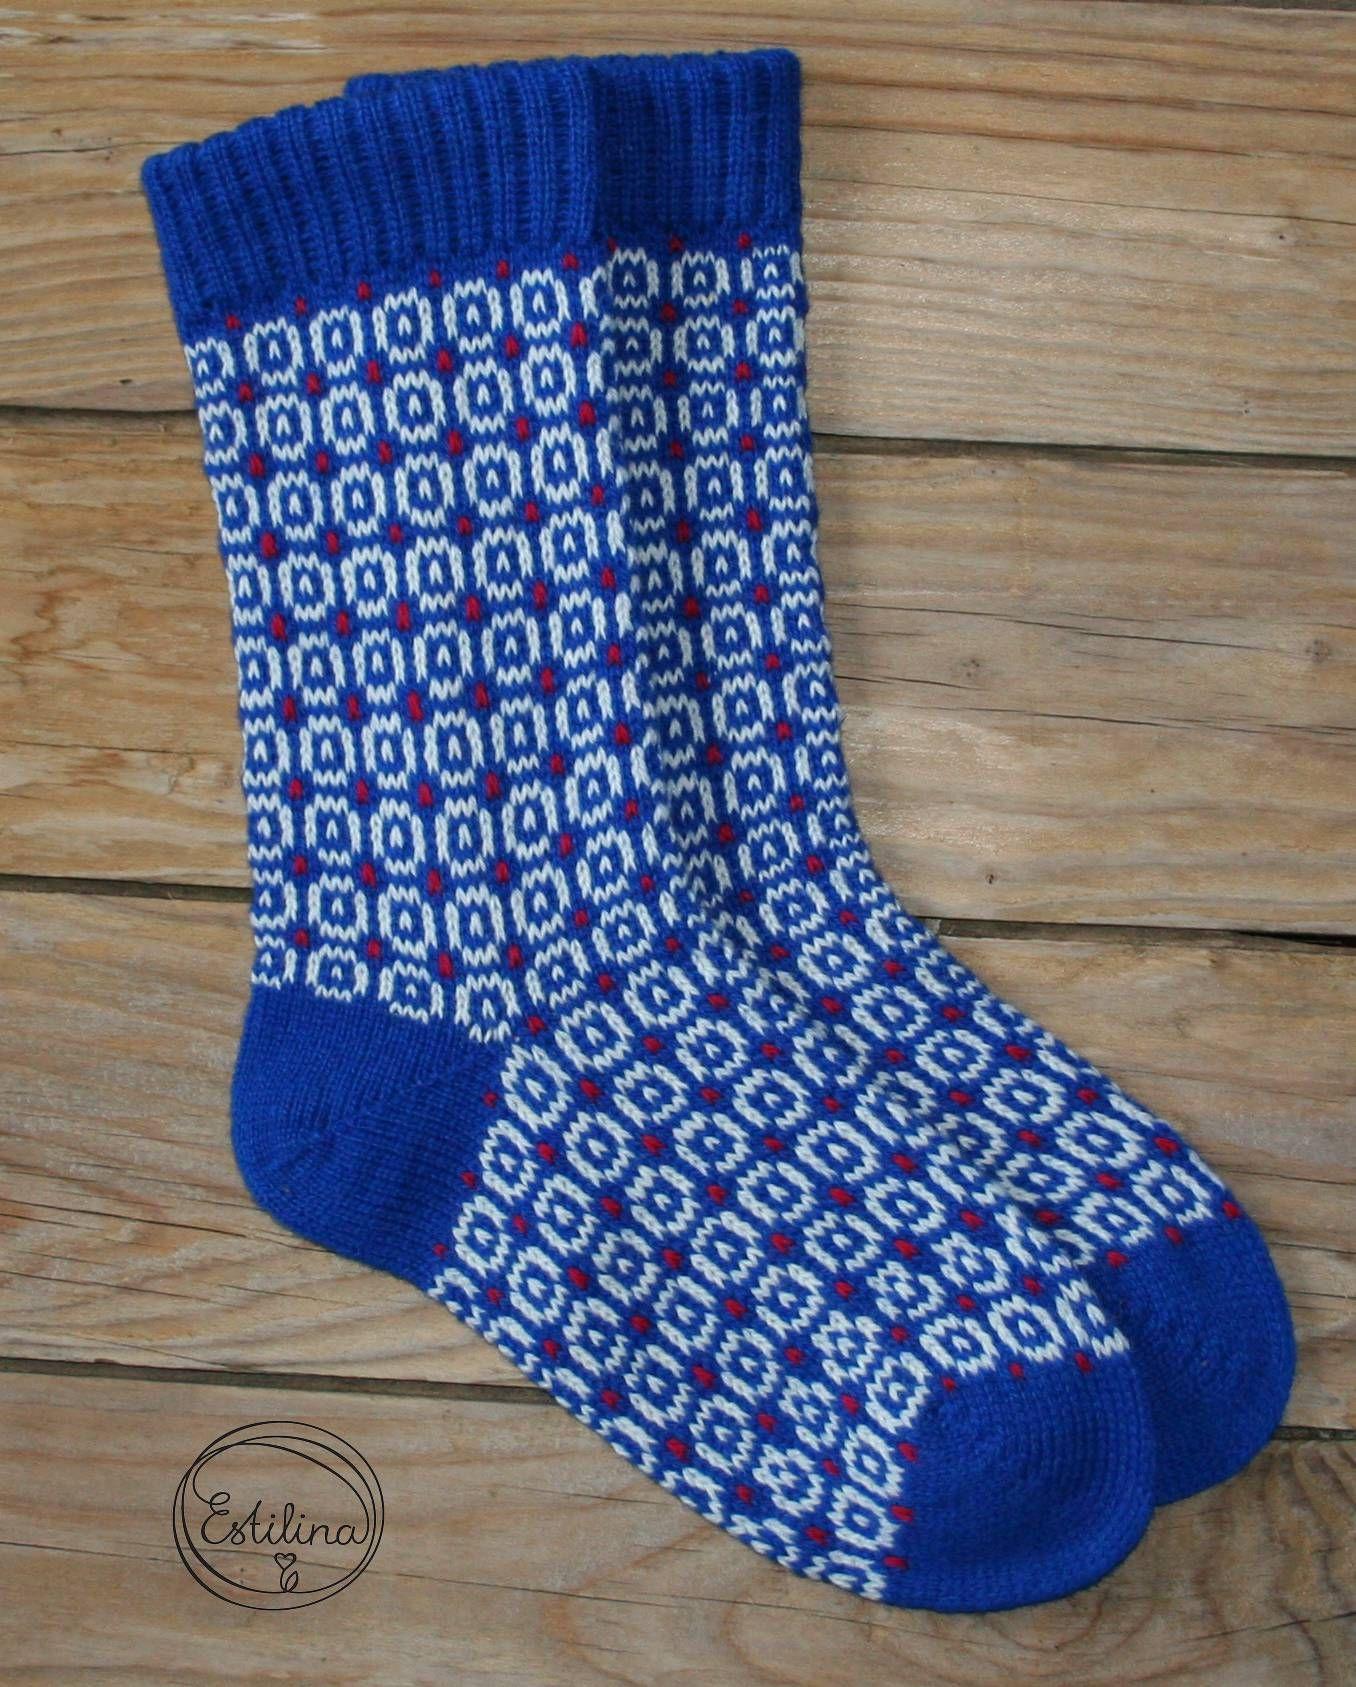 Stricksocken socks socken pinterest socks knitting socks stricksocken knitting socksknit bankloansurffo Image collections